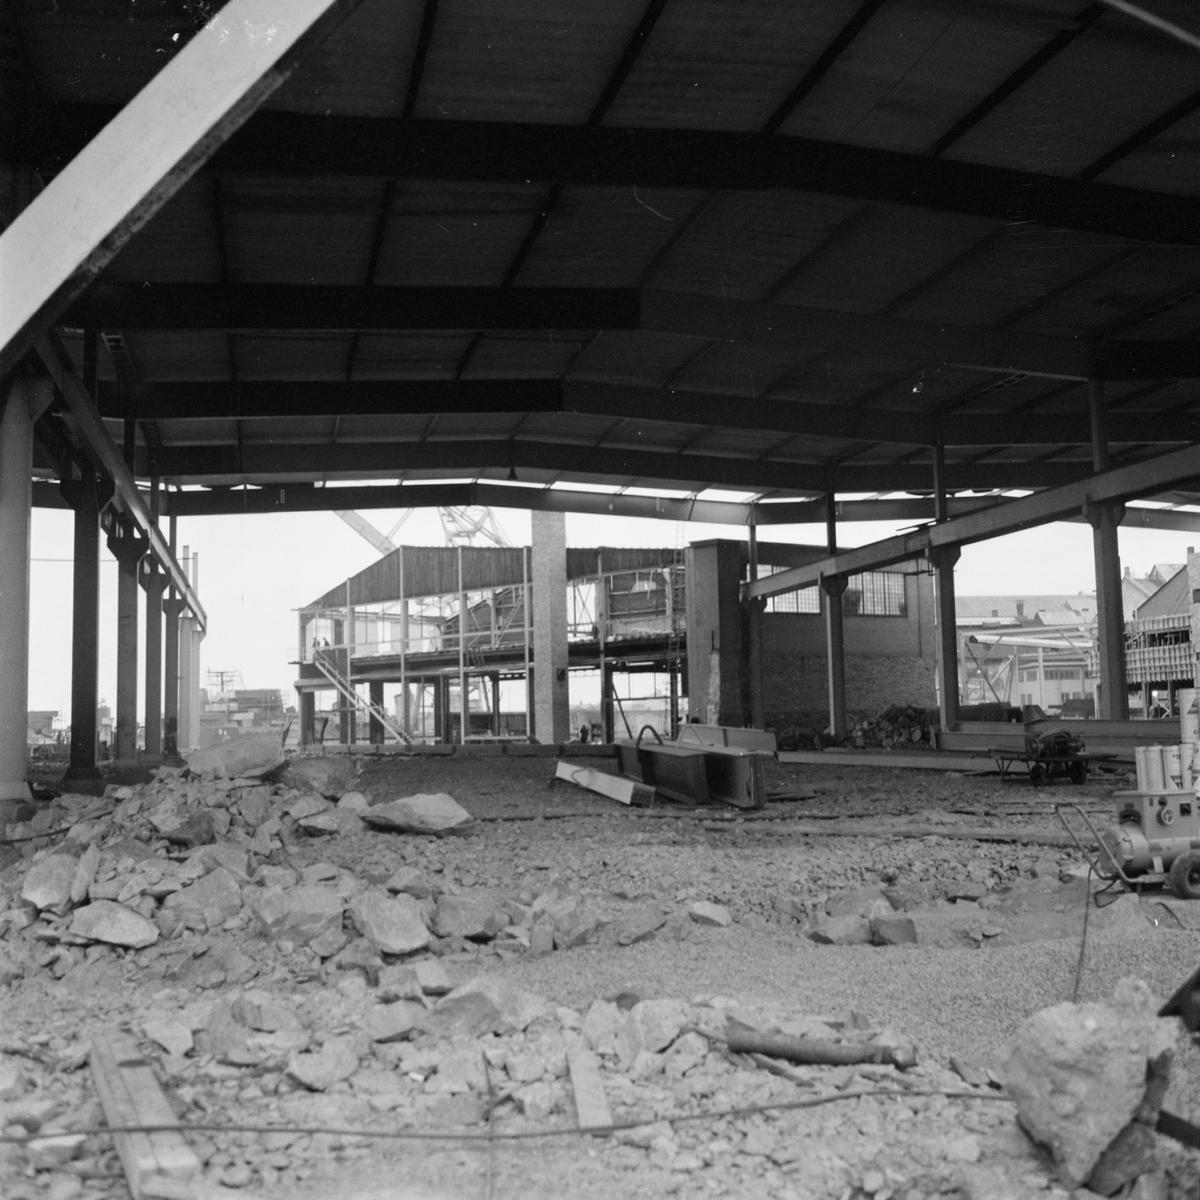 Övrigt: Fotodatum:9/11 1962. Byggnader och Kranar. Nybyggnations område. Kraftcentralen och Plåtverkstan